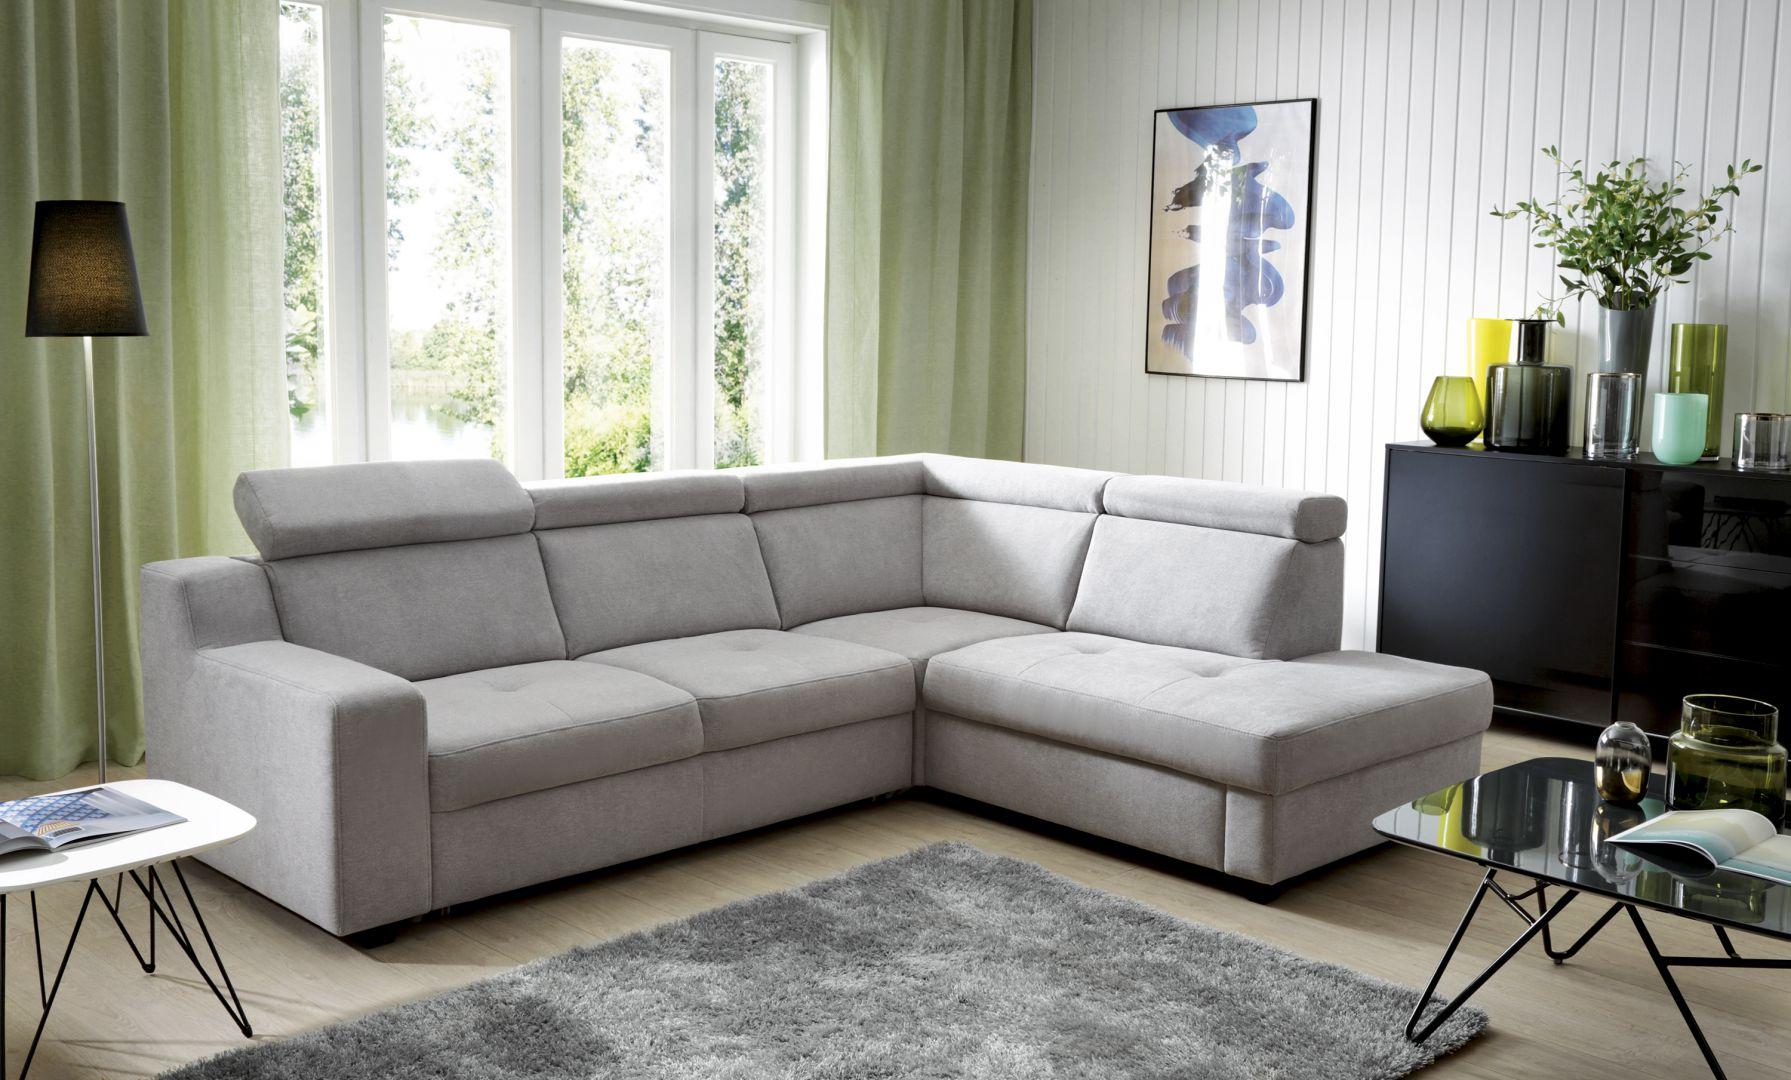 Sofa meble meblowy Sklep meblowy abra gorzow wlkp